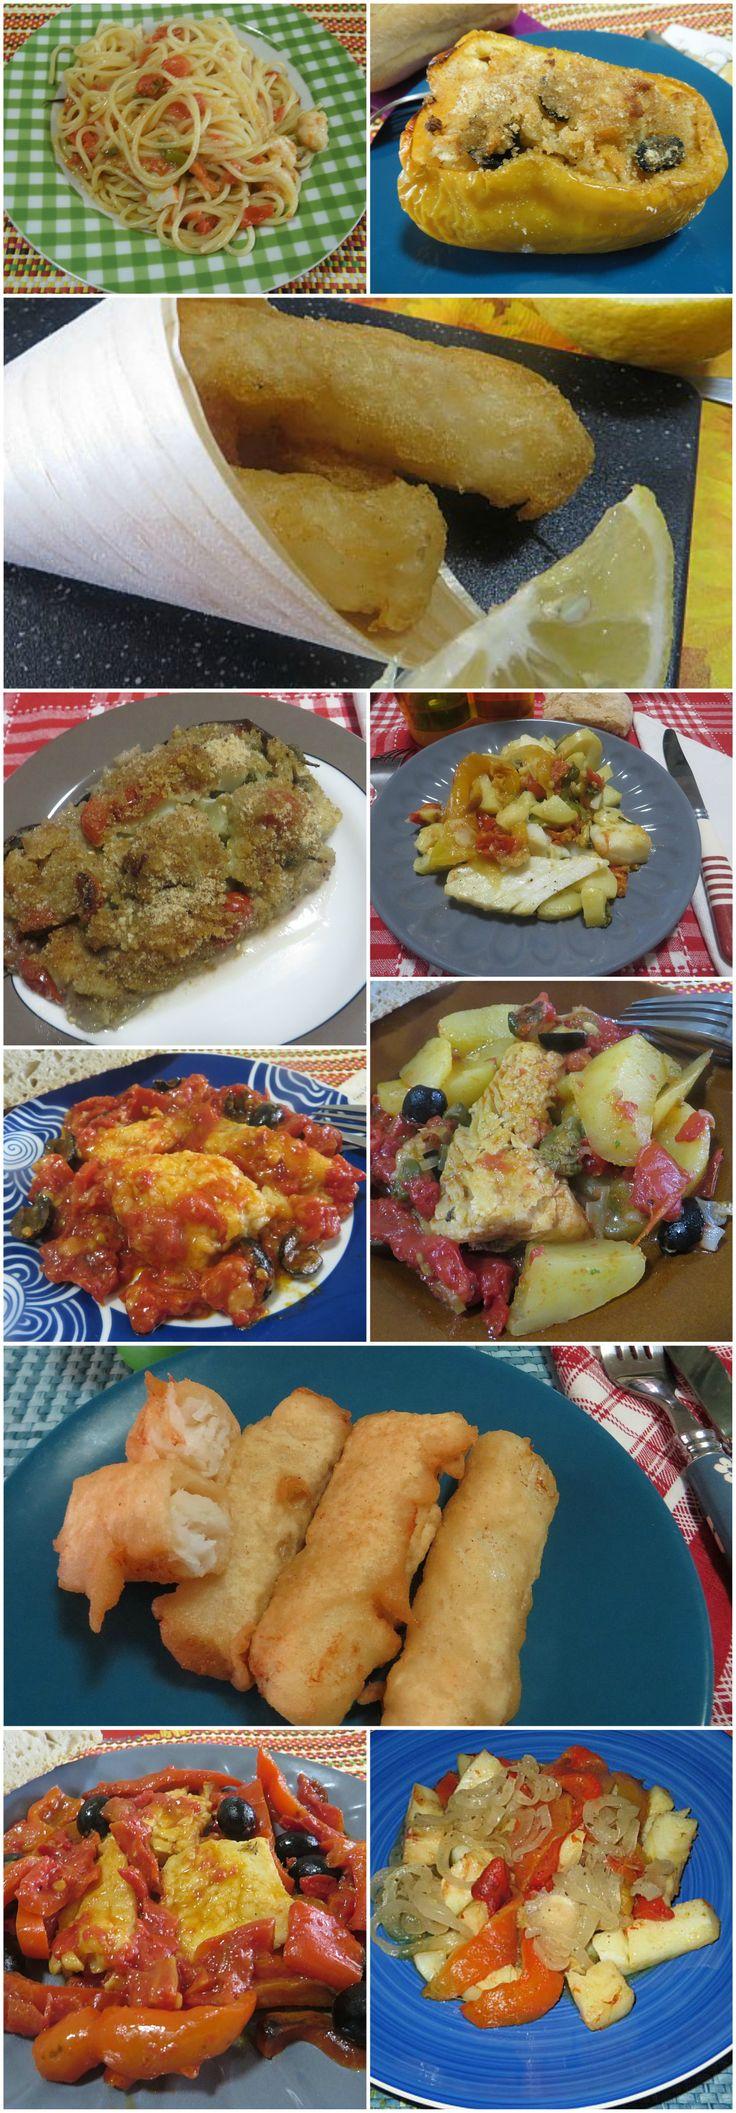 Baccalà , tante ricette gustose e facili da fare !  #ricette #baccalà #ricettegustose